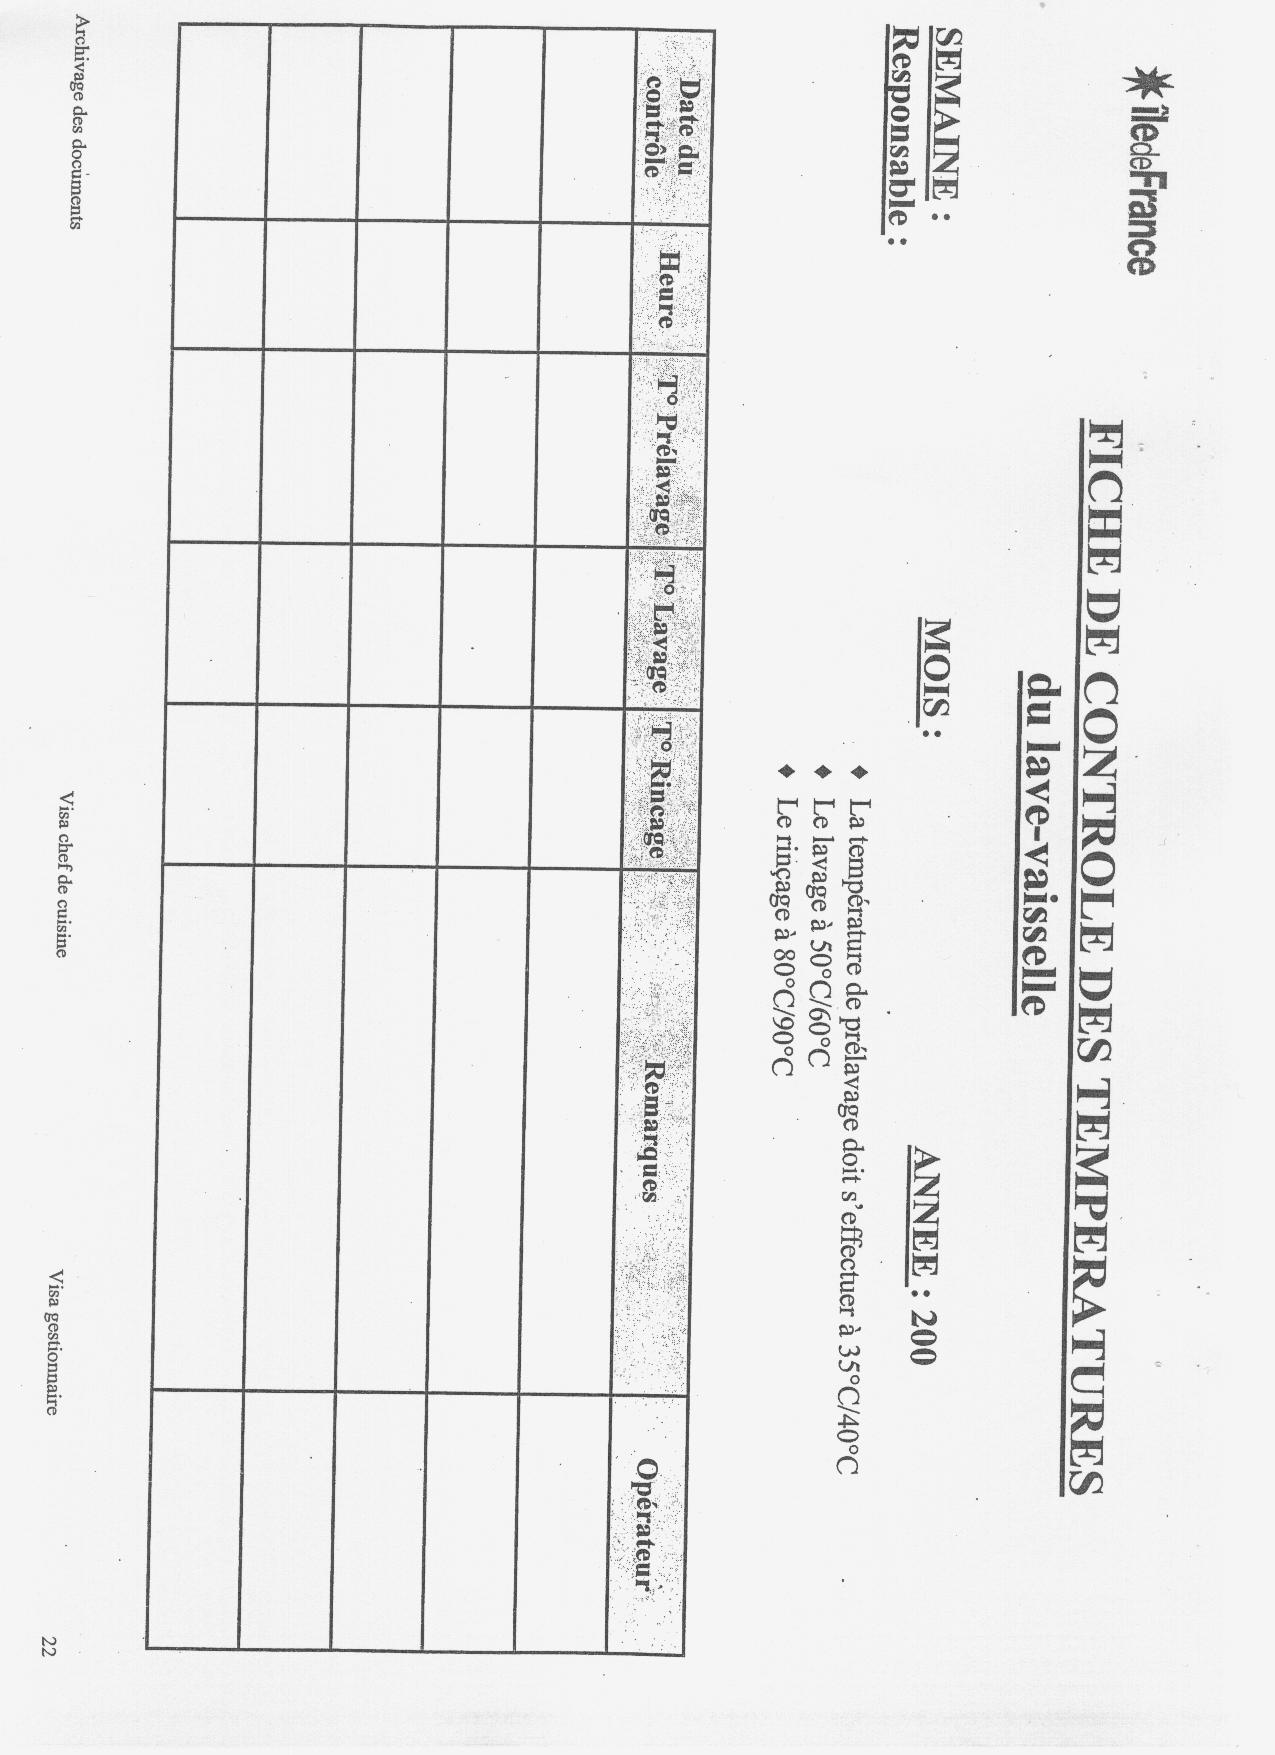 Les fiches d enregistrement pour le haccp cuisines - Mesure d hygiene en cuisine ...